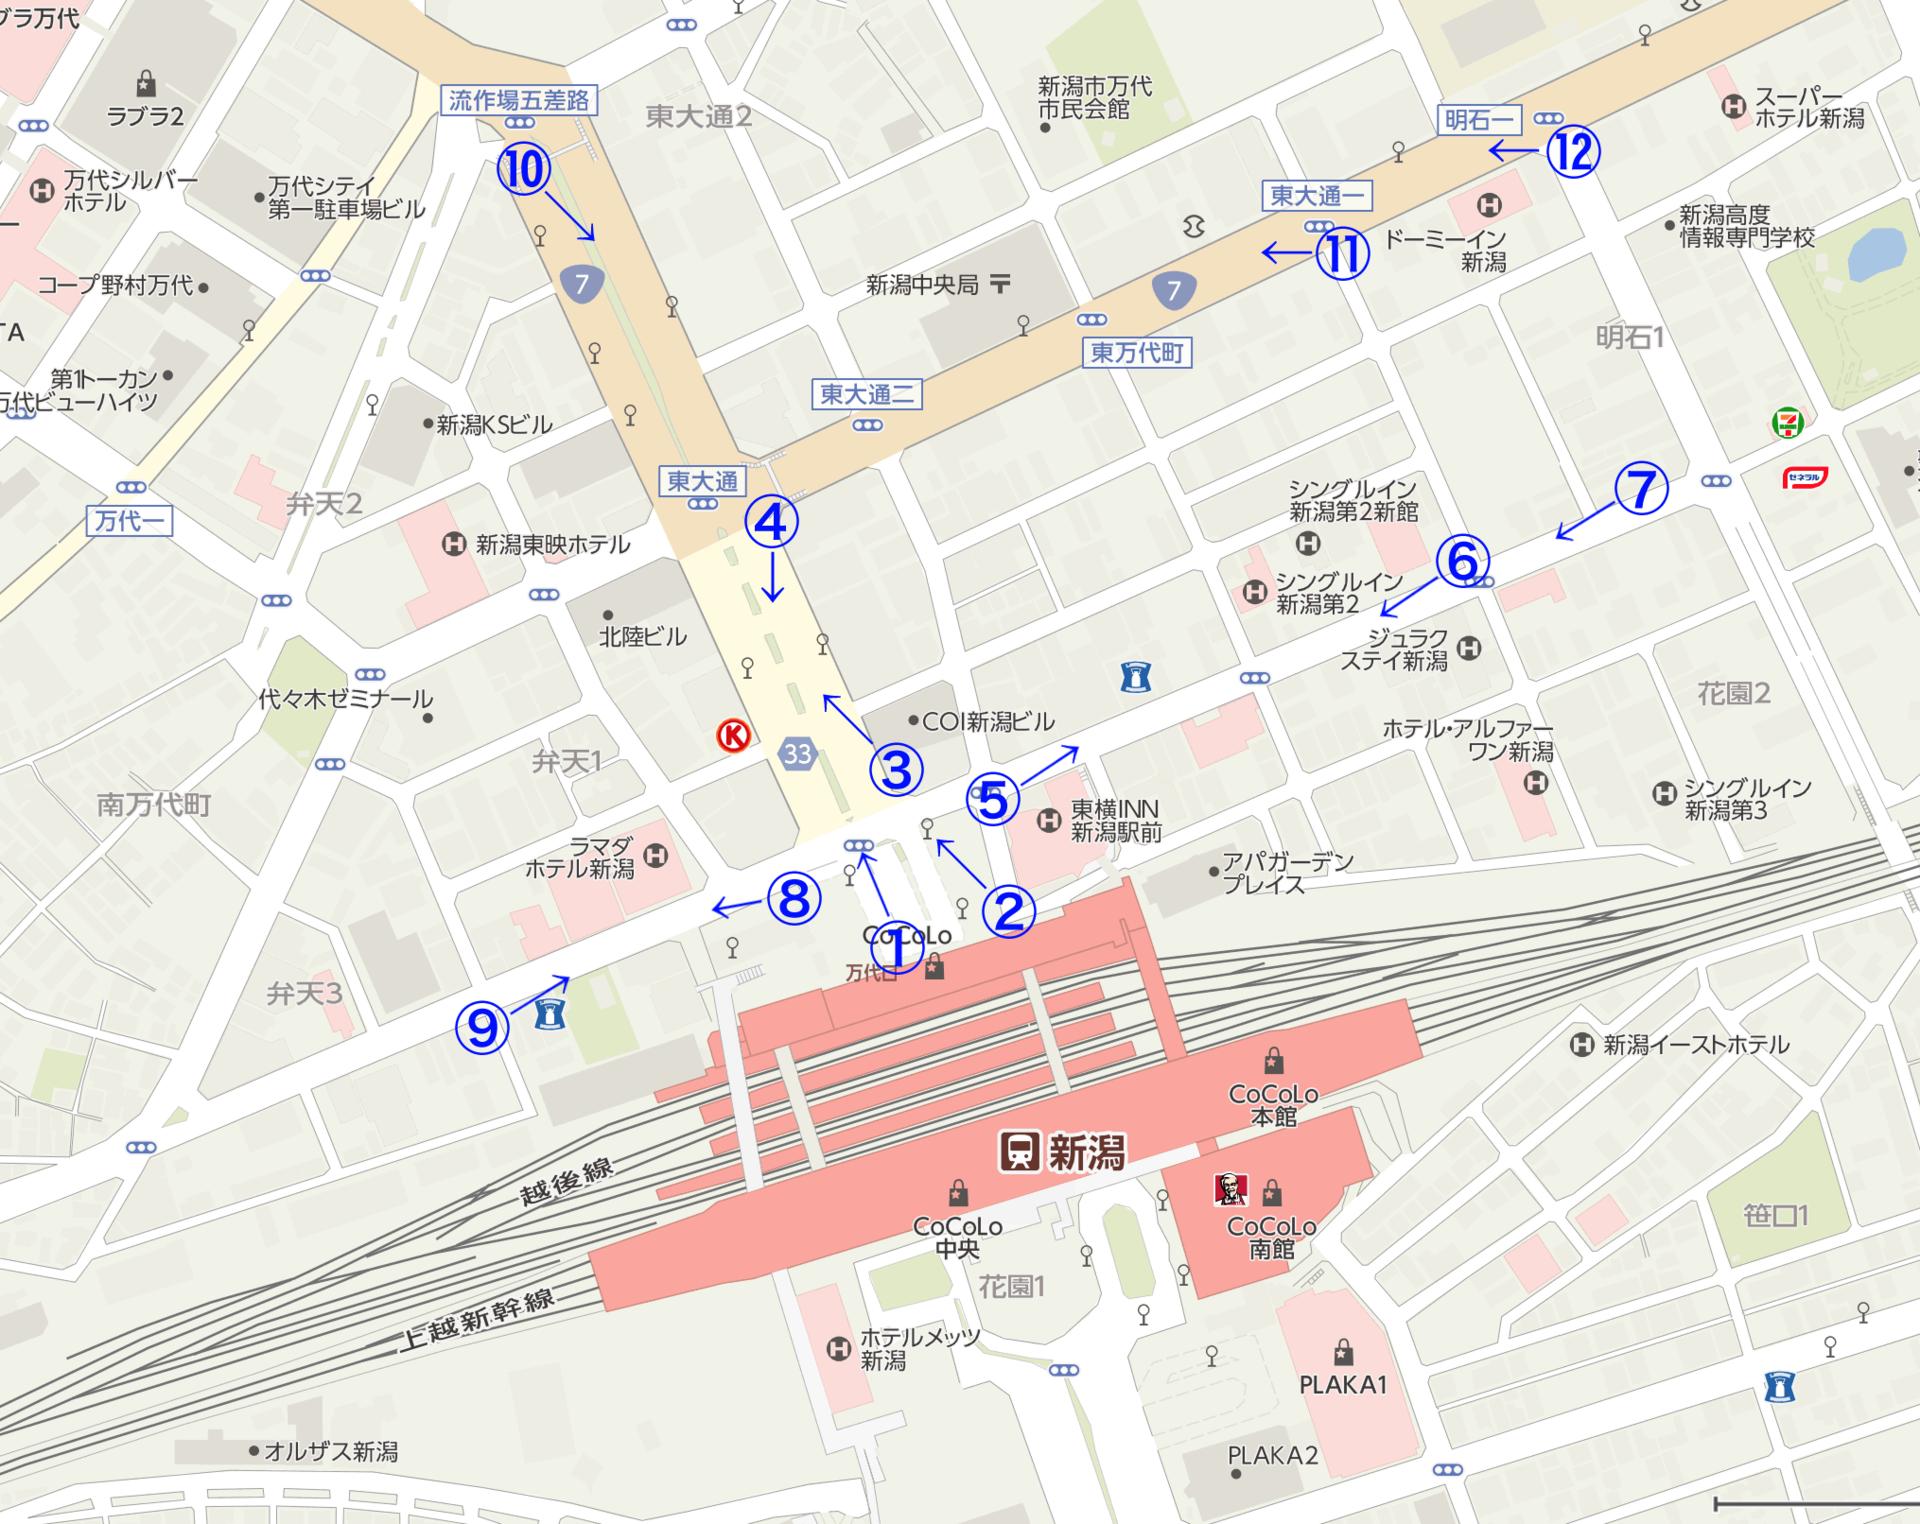 新潟駅前マップ撮影ポイントと方向